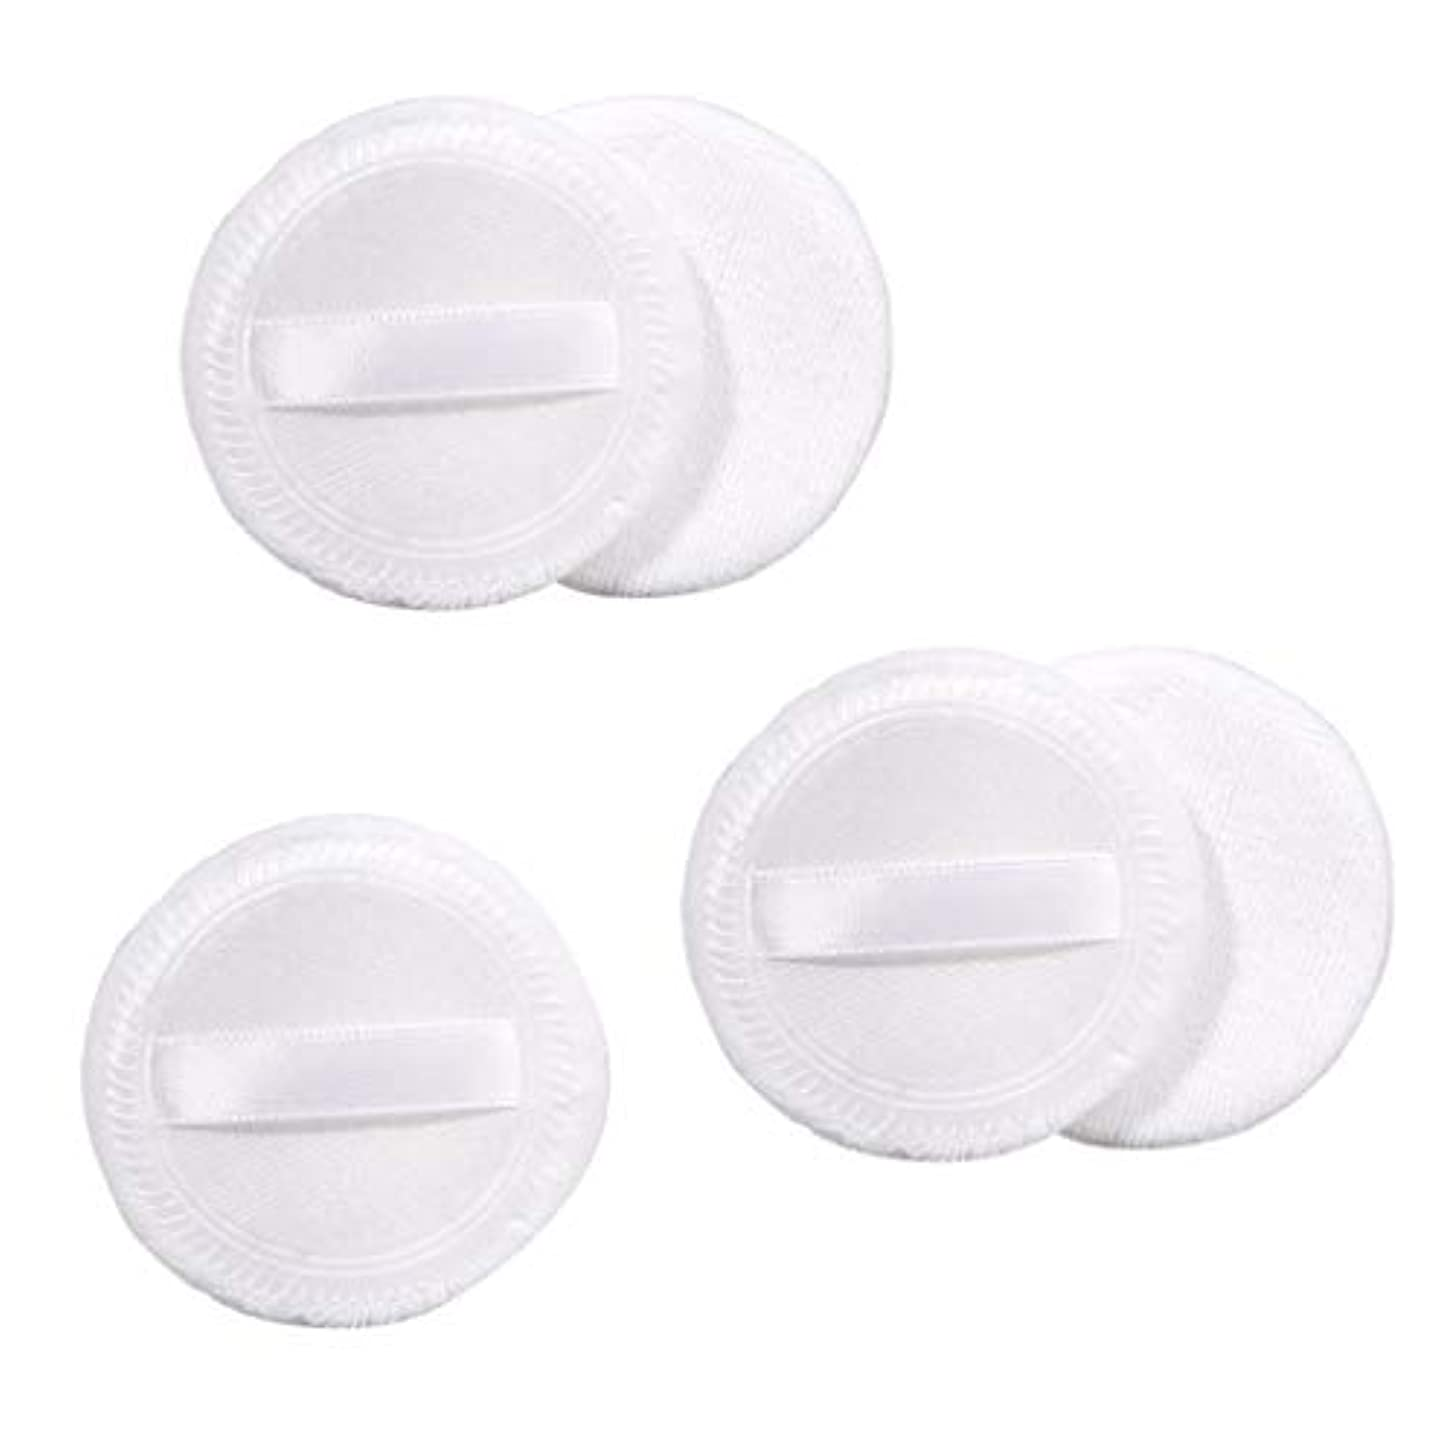 観察聴覚挽くDYNWAVE メイクアップ パフ パウダーパフ フェイスパウダー用 パフ 化粧スポンジ 洗える 5本入り 全3色 - ホワイト